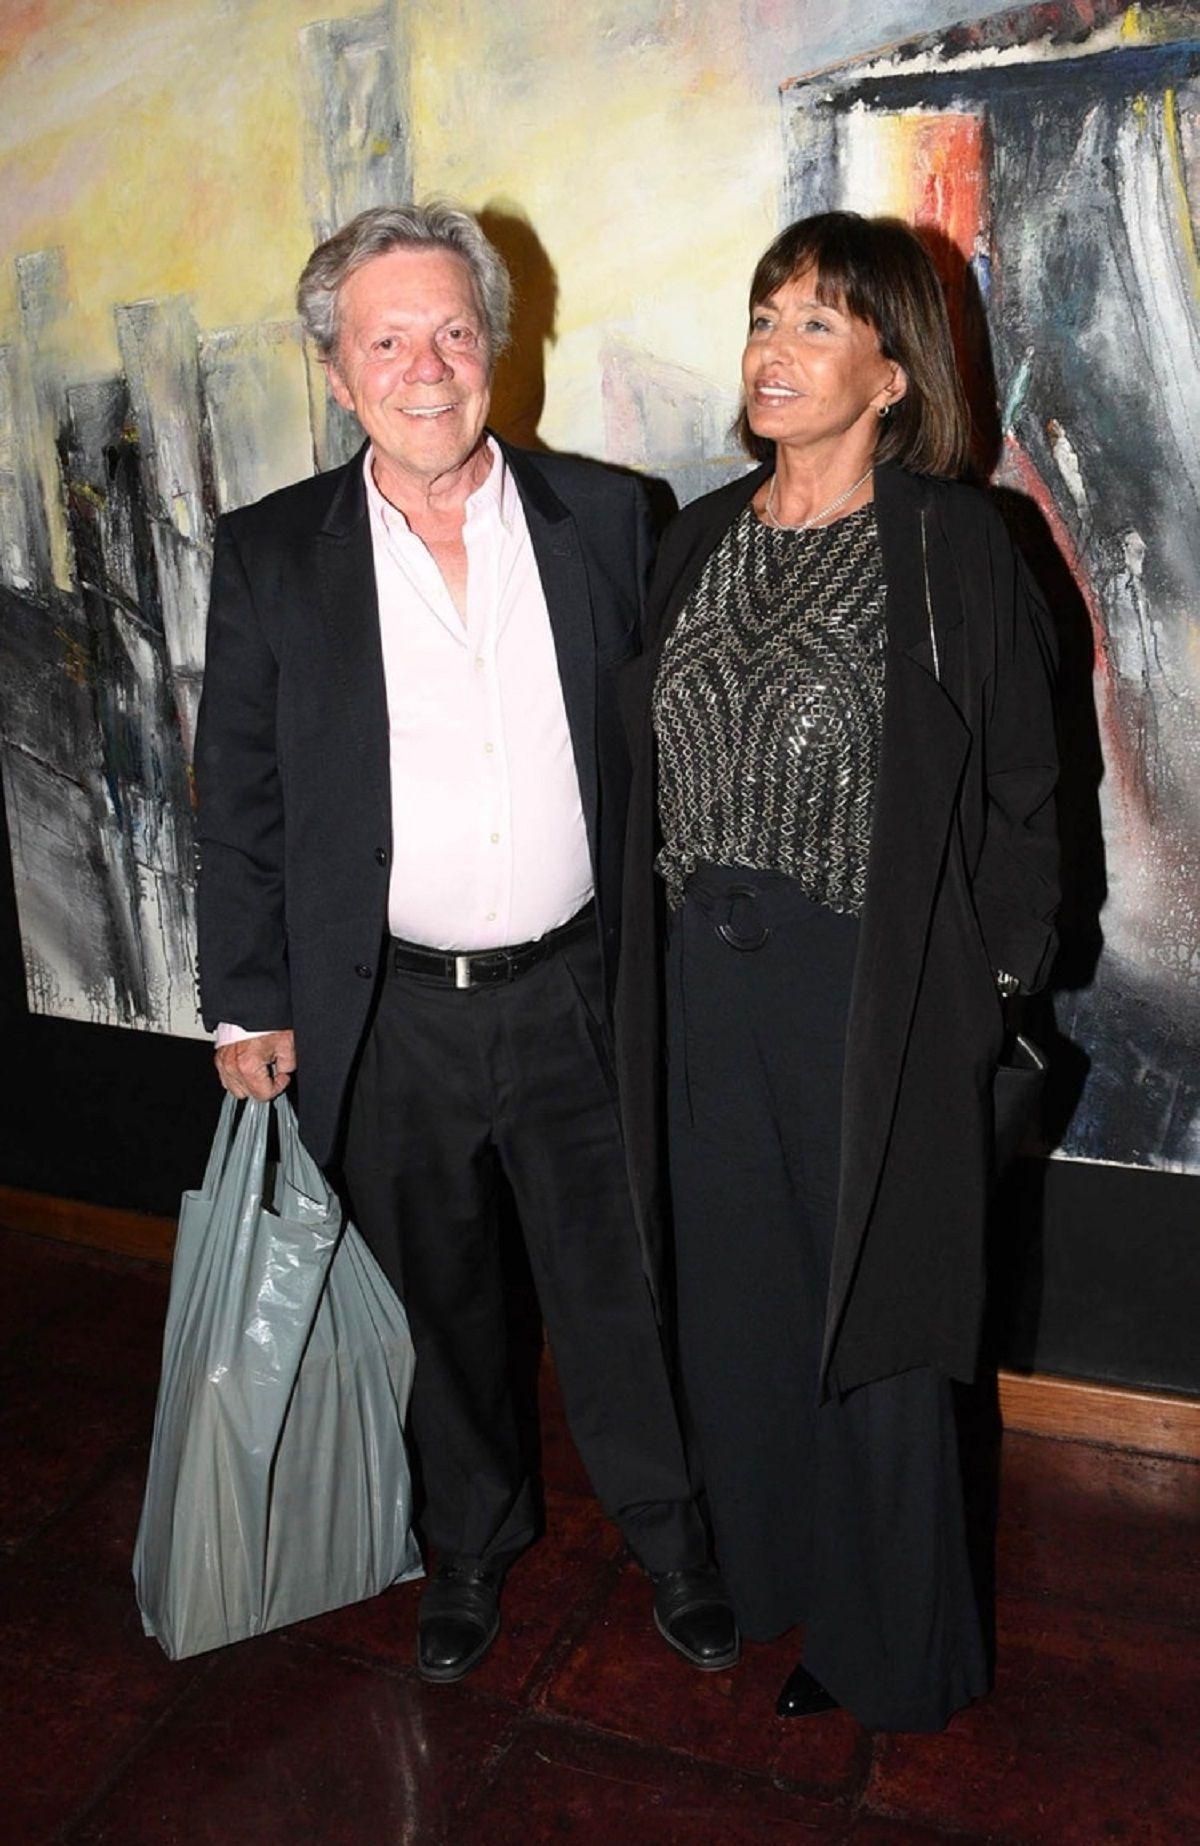 La viuda de Emilio Disi confirmó el affaire de Iliana Calabró y el actor